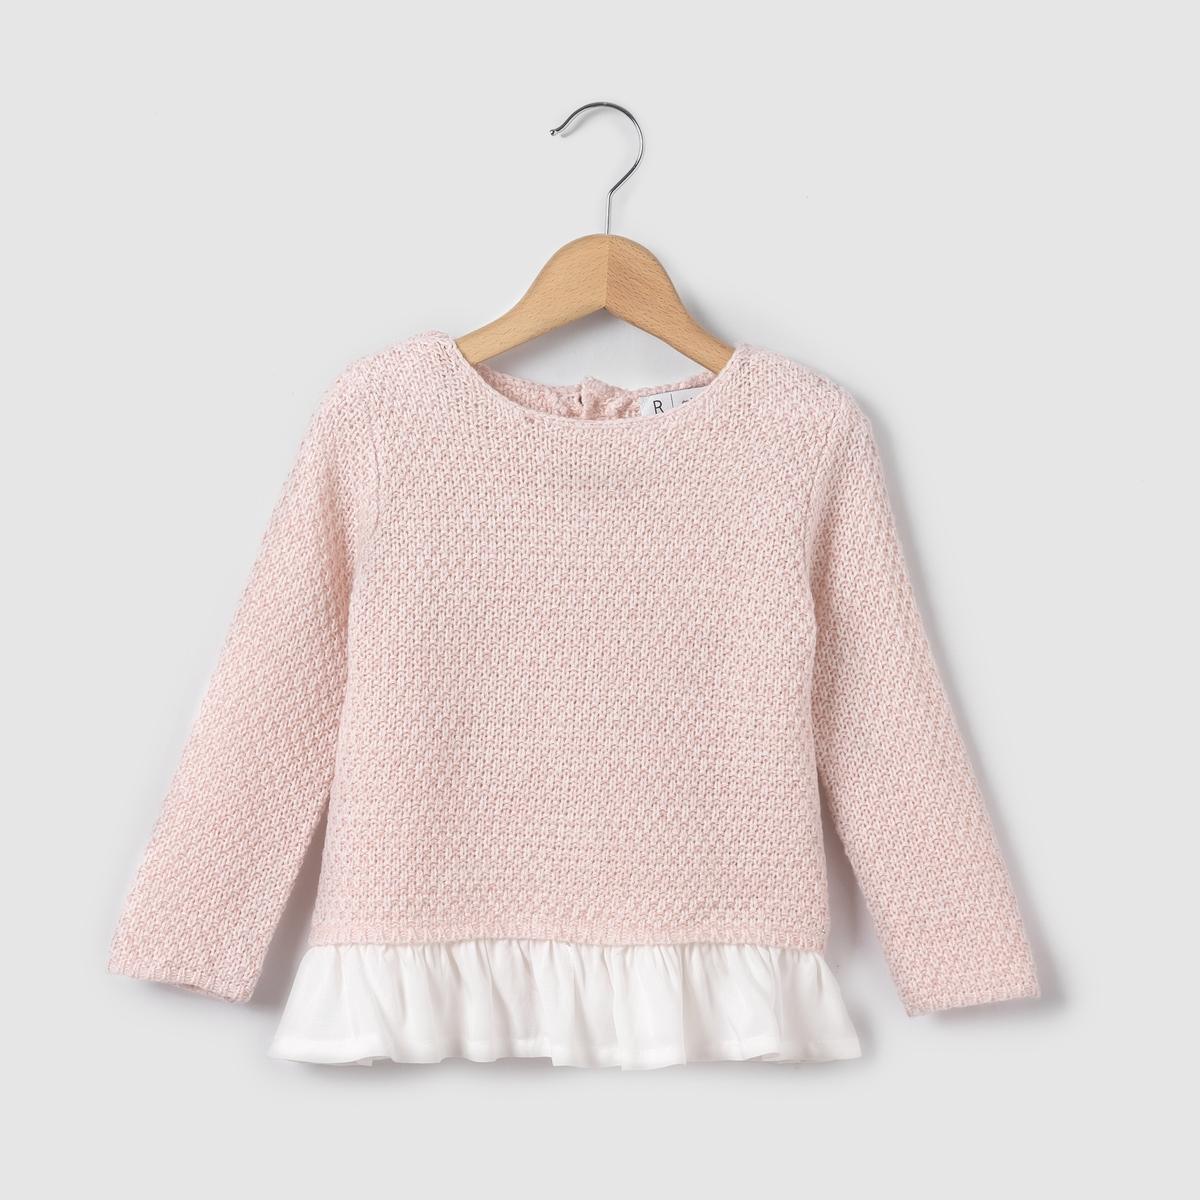 Пуловер из двух материалов, 1 мес. - 3 года